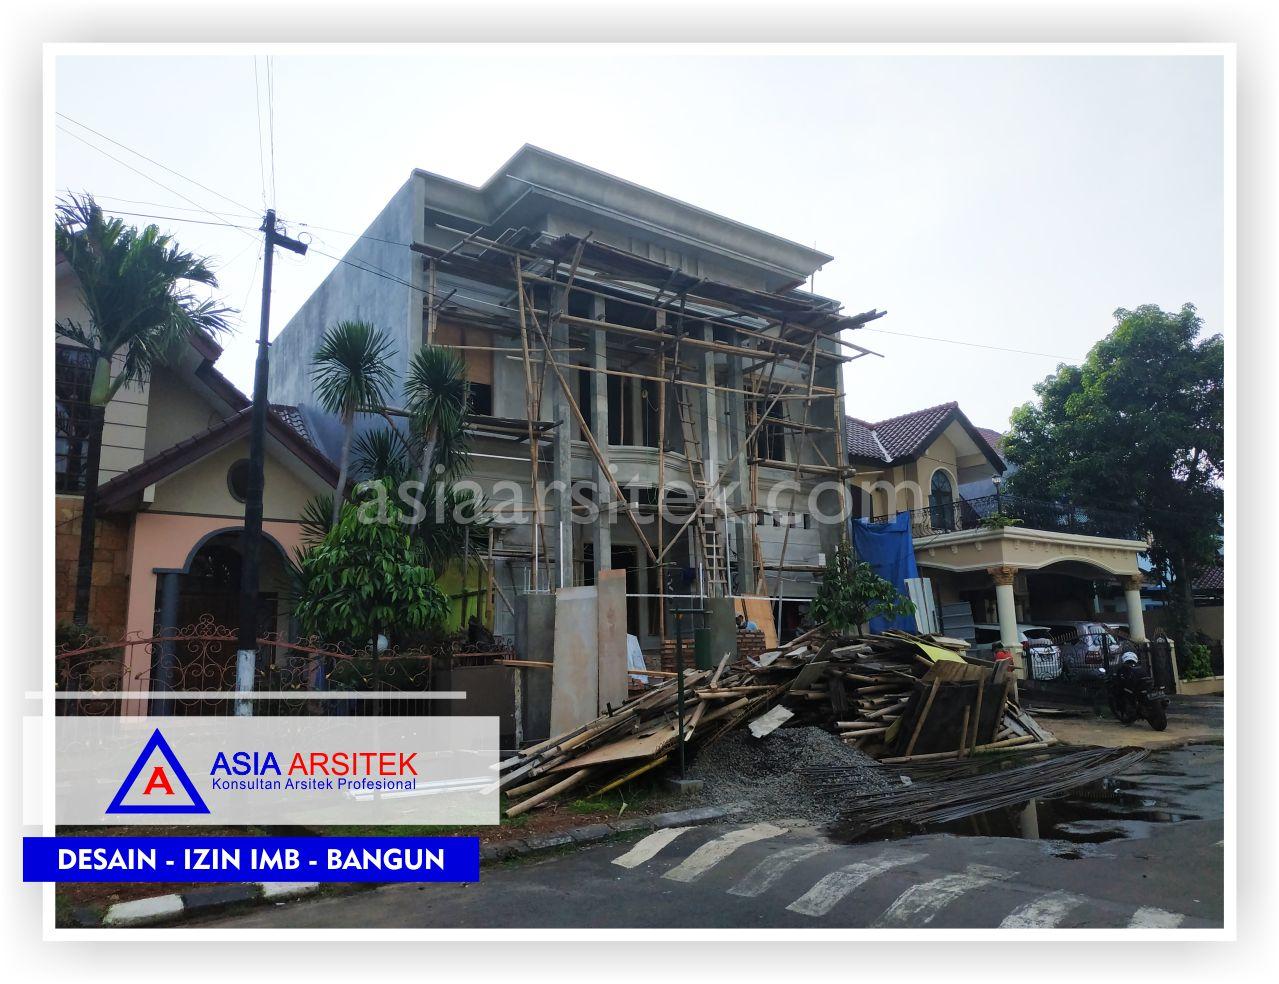 Tampak Depan Rumah Klasik Mewah Bu Maudy - Arsitek Desain Rumah Minimalis Modern Di Jakarta-Tangerang-Bogor-Bekasi-Bandung-Jasa Konsultan Desain Arsitek Profesional 1